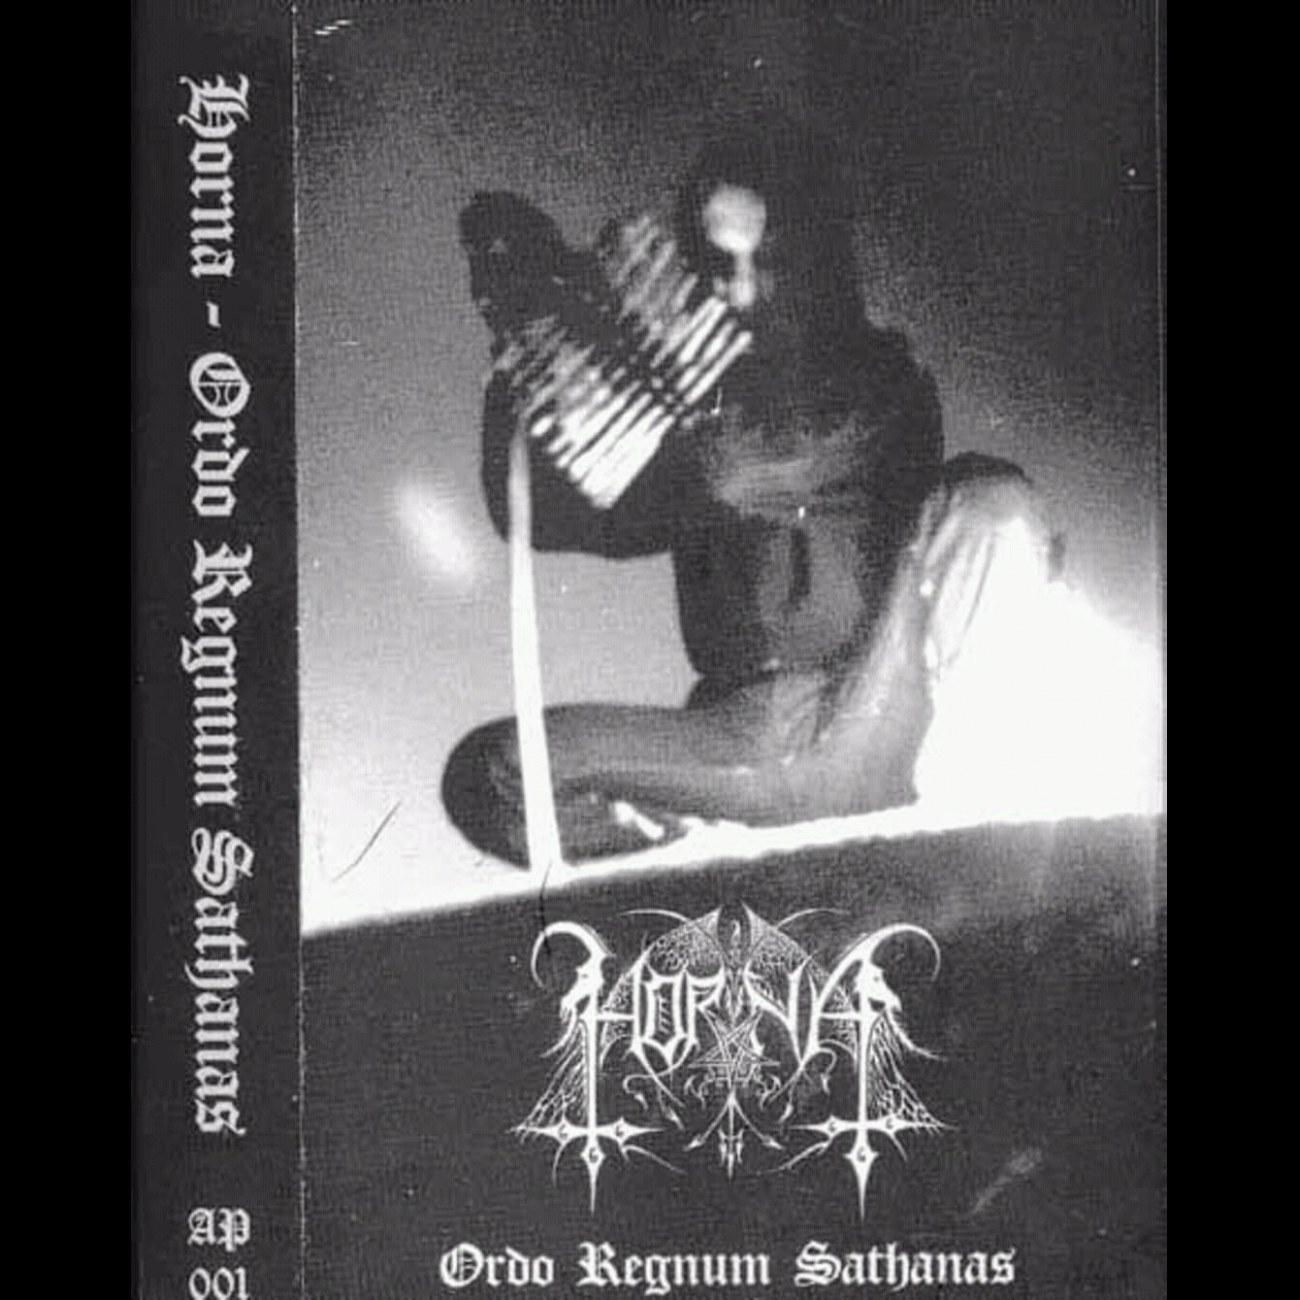 Horna - Ordo Regnum Sathanas